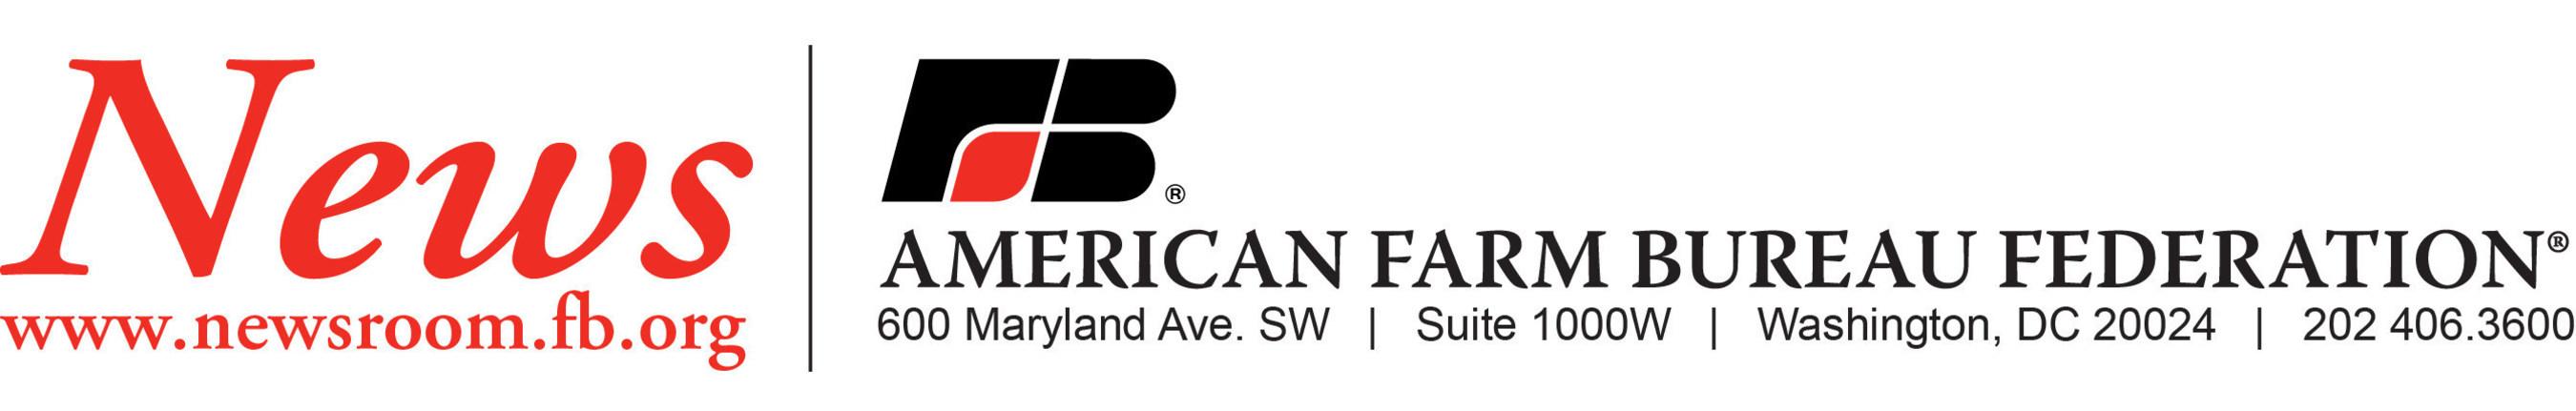 AccuGrain of Iowa Honored as Farm Bureau Entrepreneur of the Year